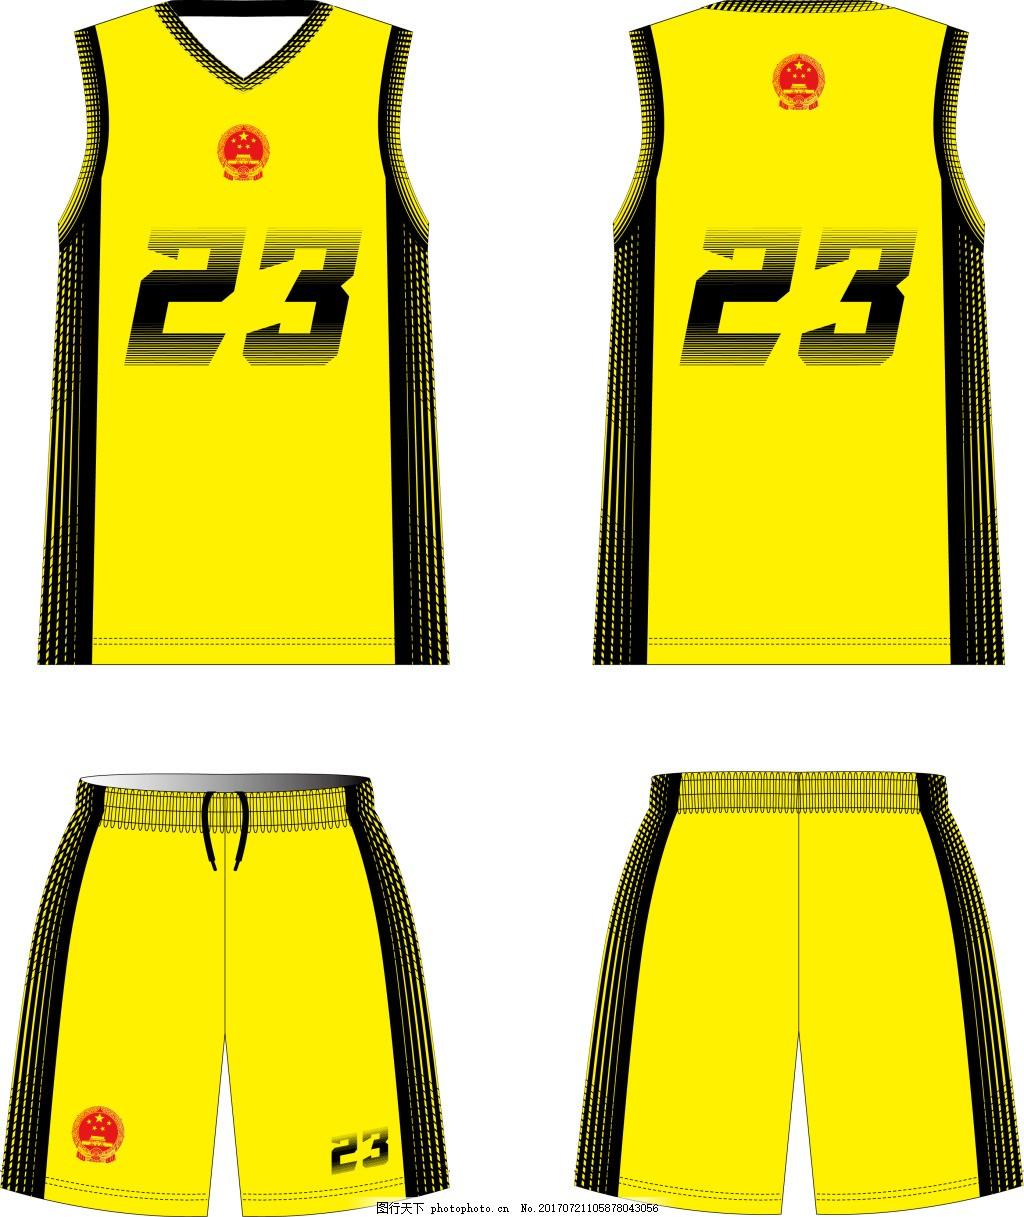 篮球服队服套装_服装设计_现代科技_图行天下图库